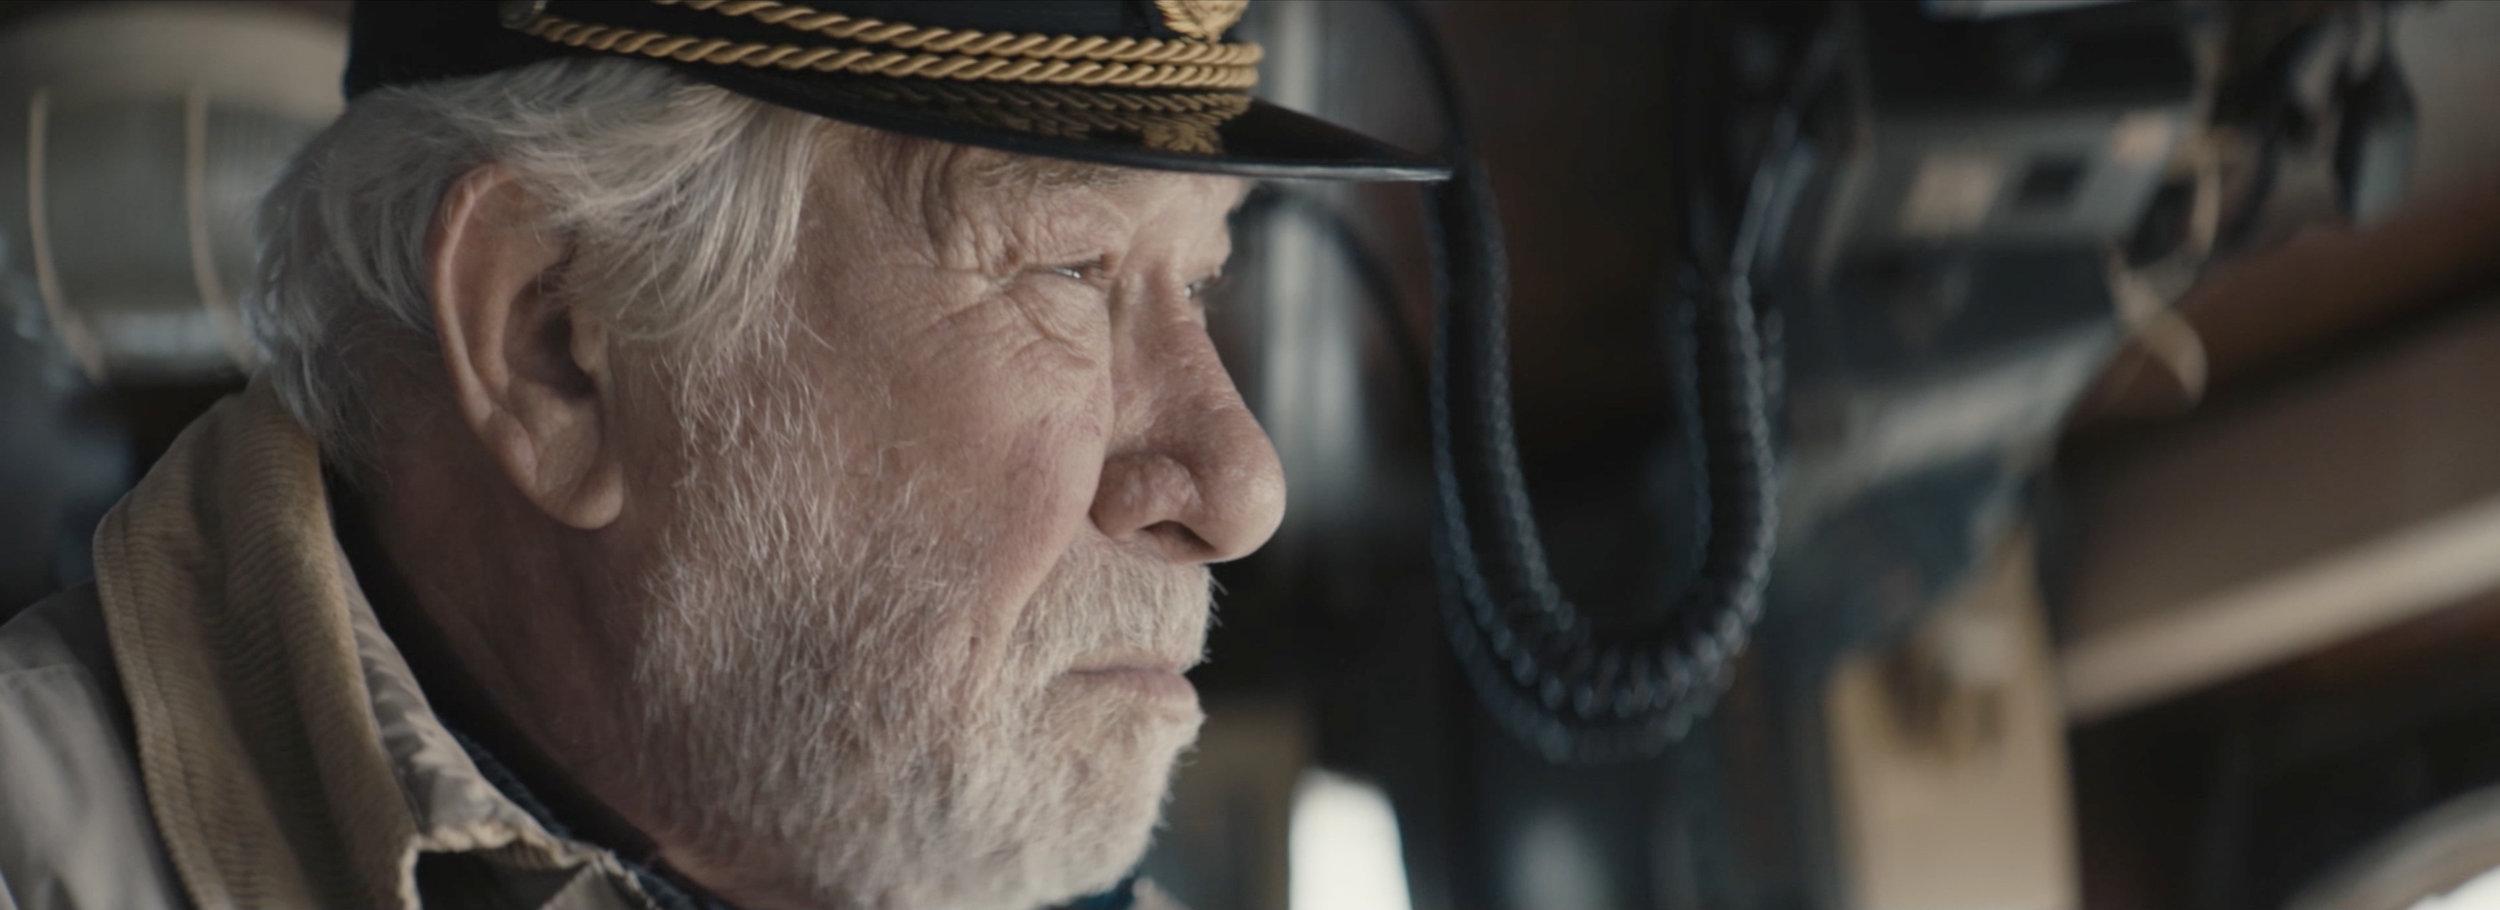 Capitán.jpg